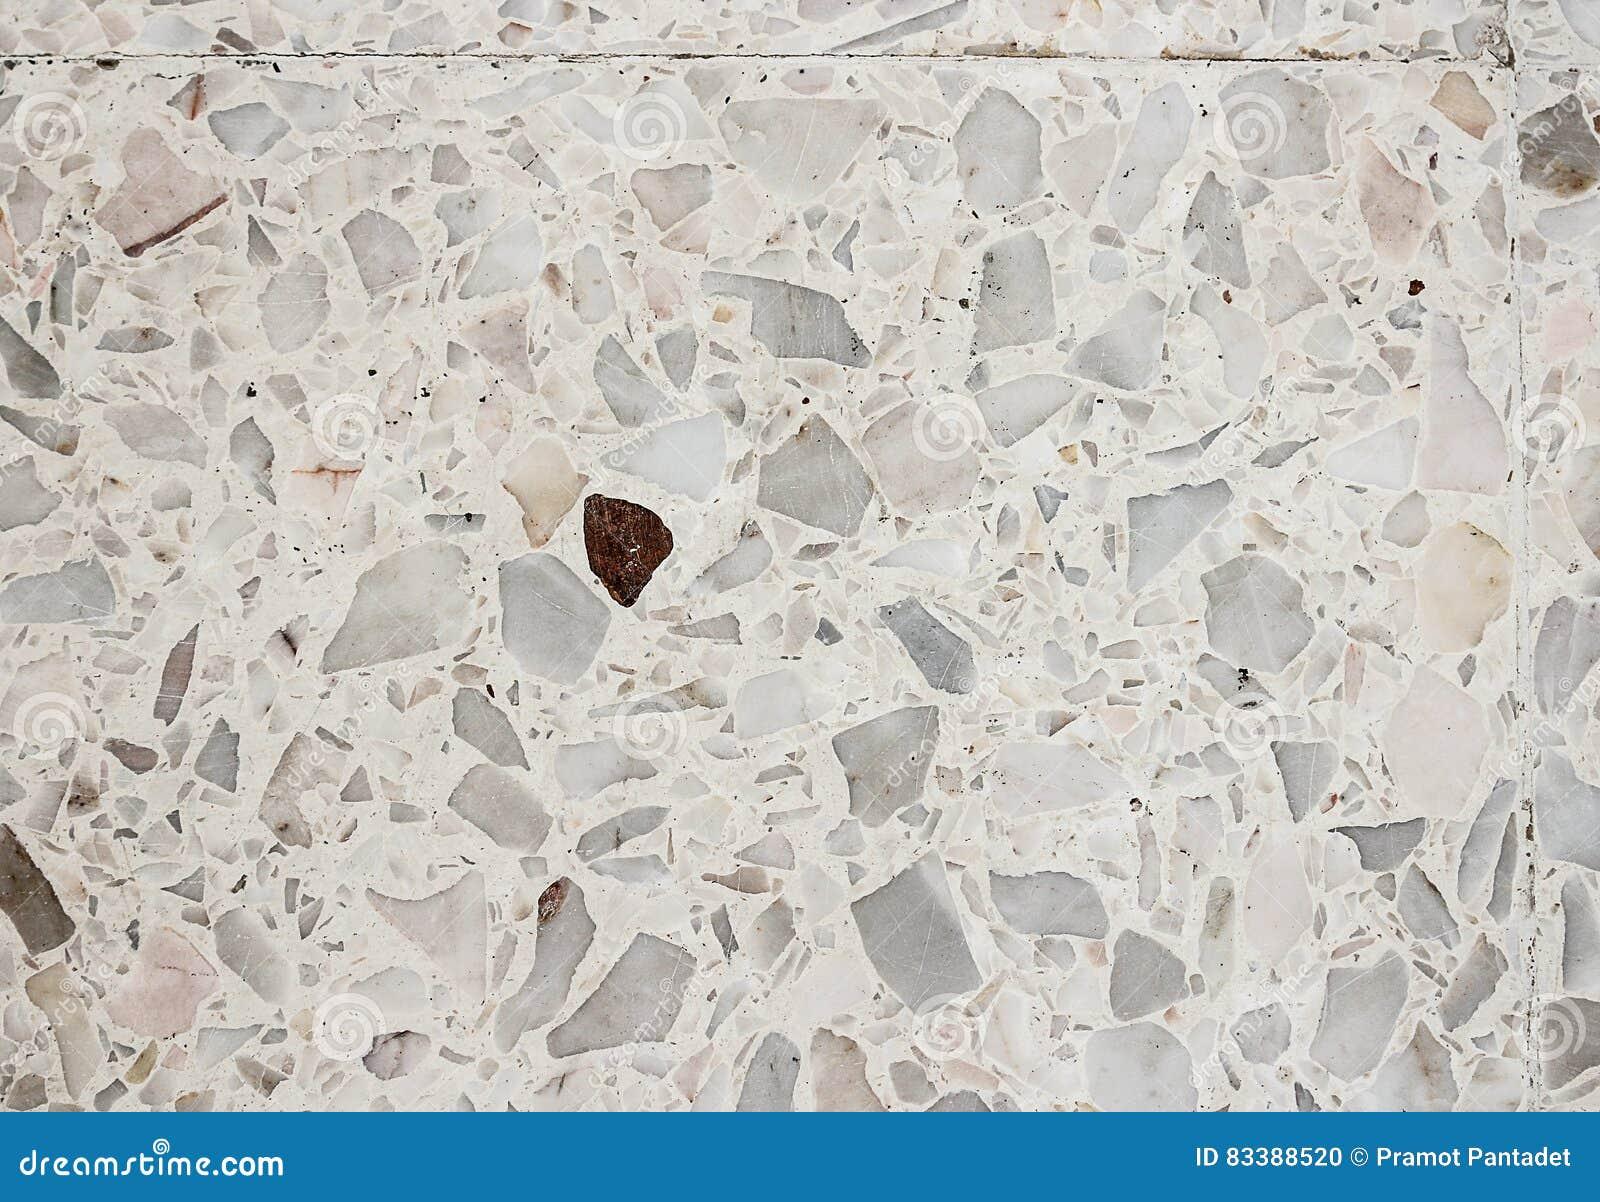 terrazzo floor background stock - photo #25